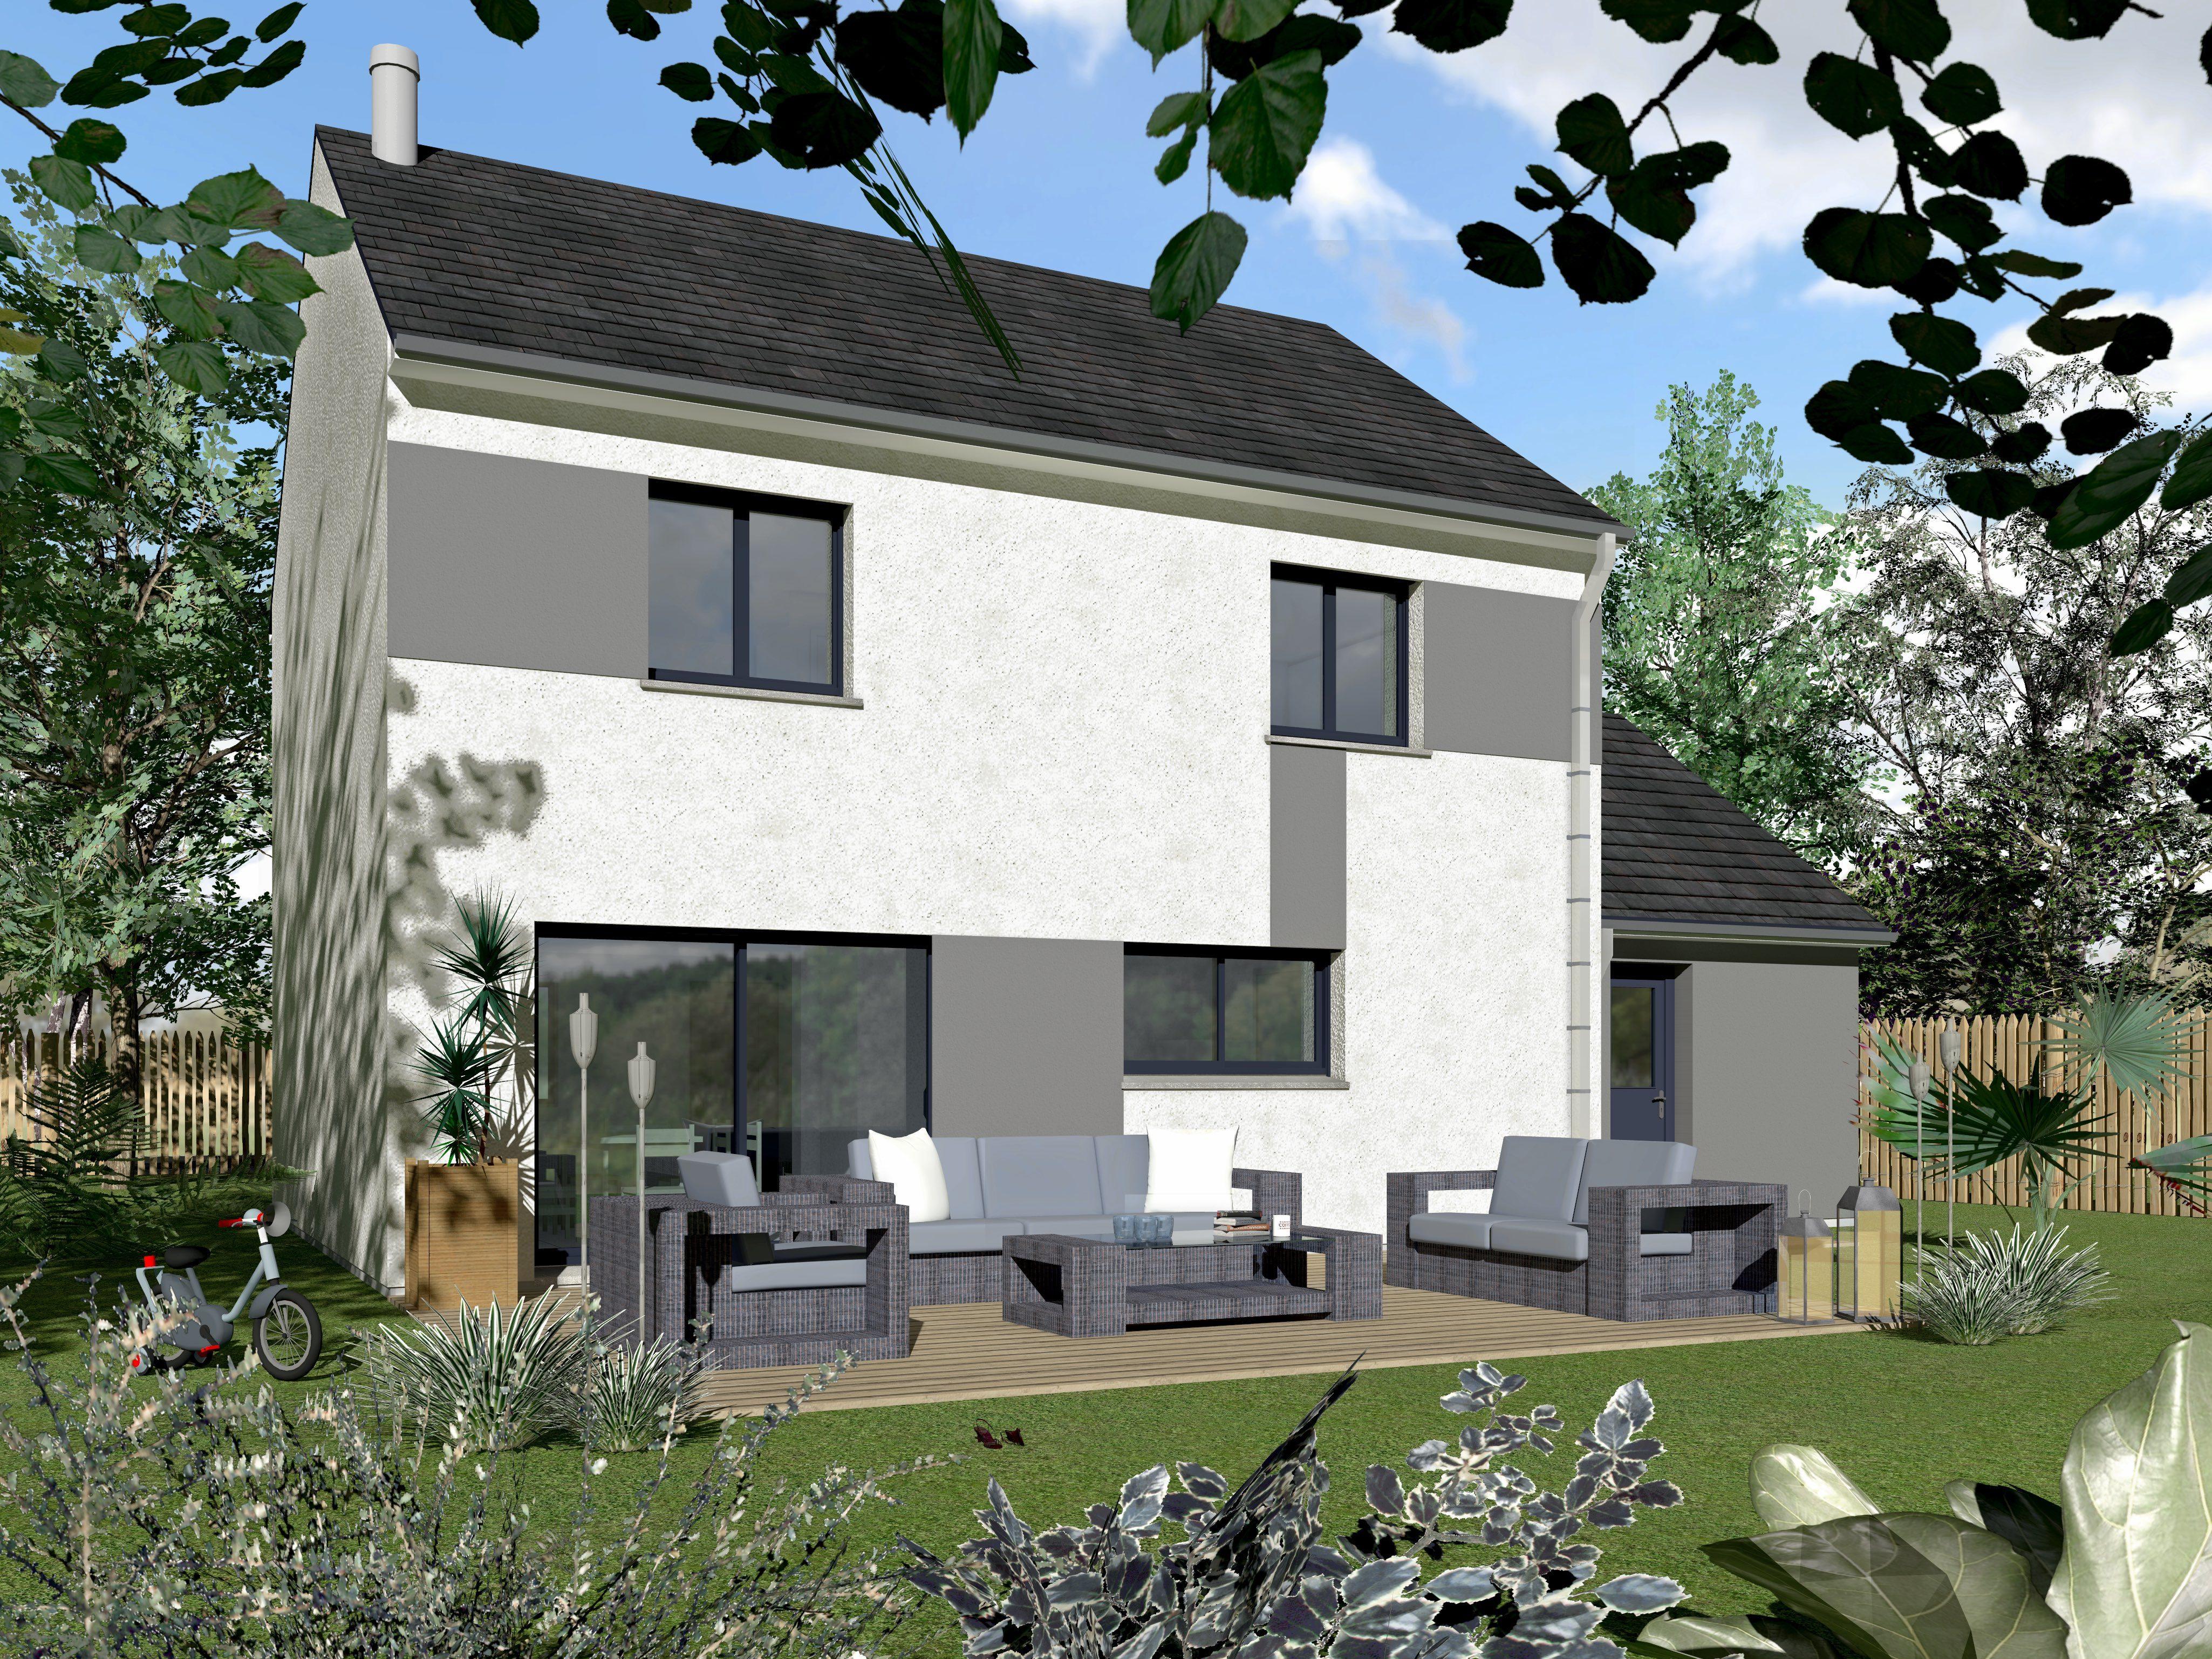 Maisons + Terrains du constructeur MAISONS VIVALIA • 105 m² • LALLEU